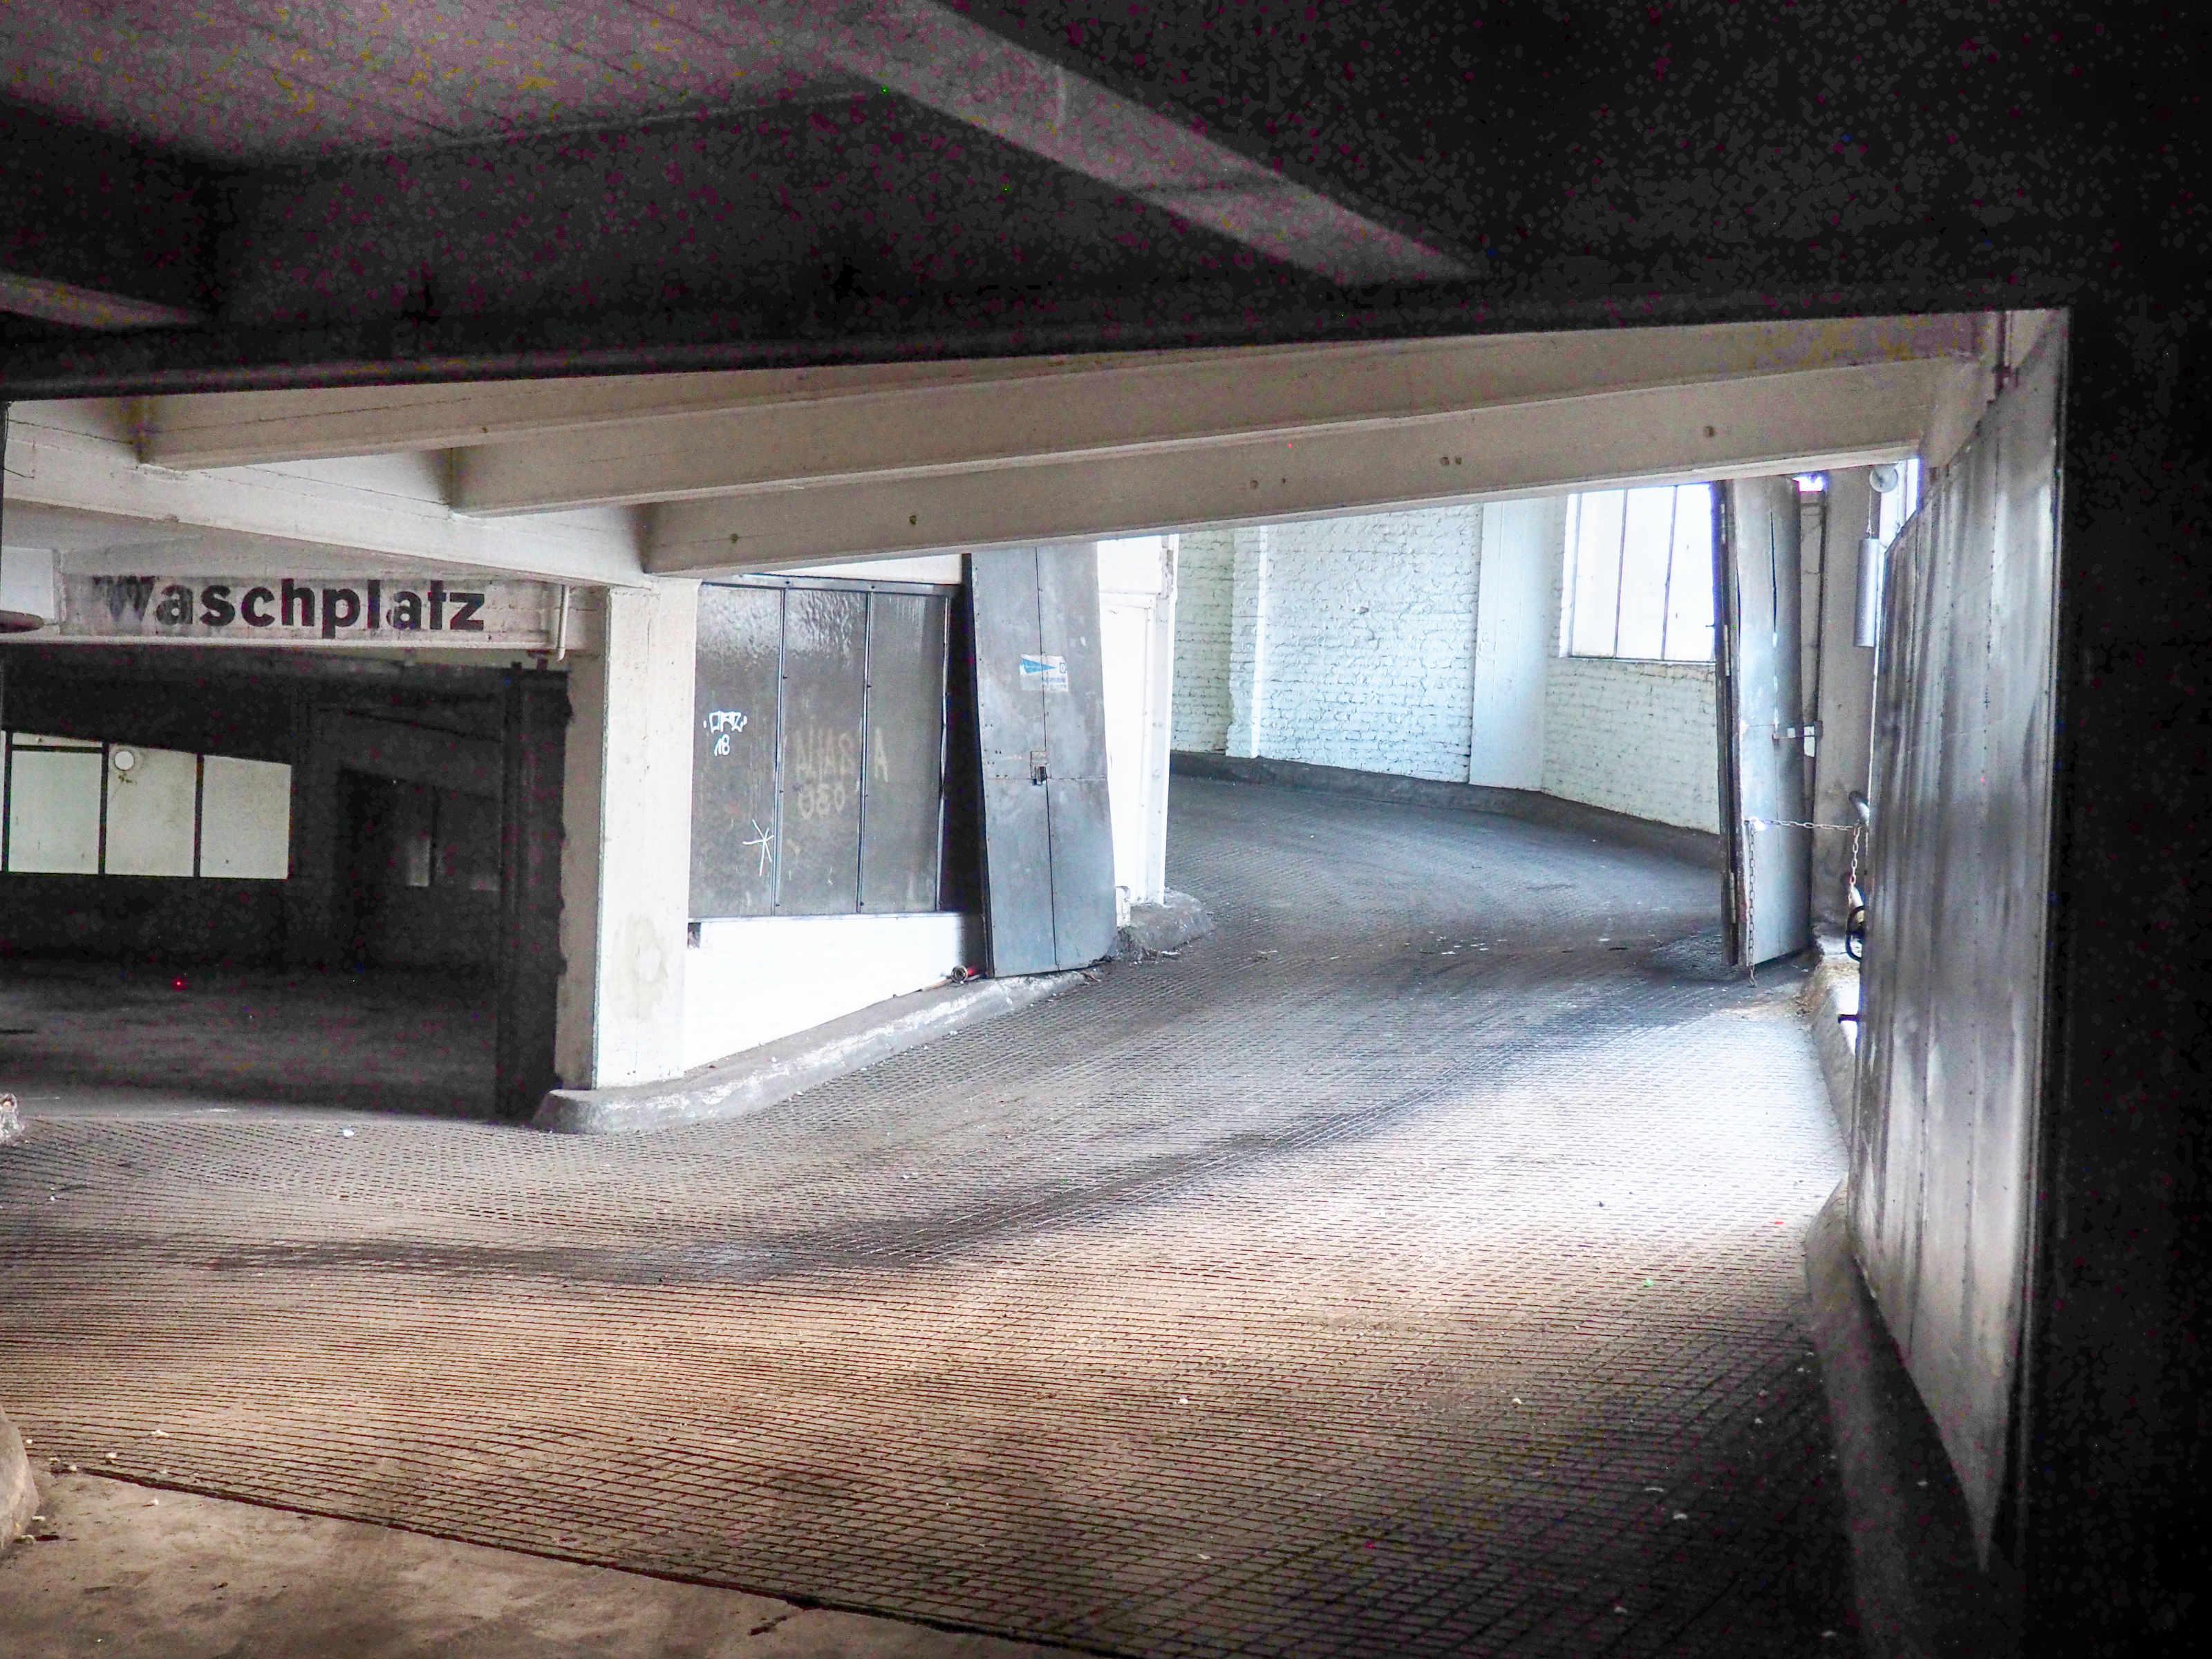 Der Berliner Kantgaragen-Palast - Verwinkelte Atmosphäre wie in einem Murnau-Film: Der Waschplatz im Zentrum der einzigartigen, doppelgängigen Wendelrampe.